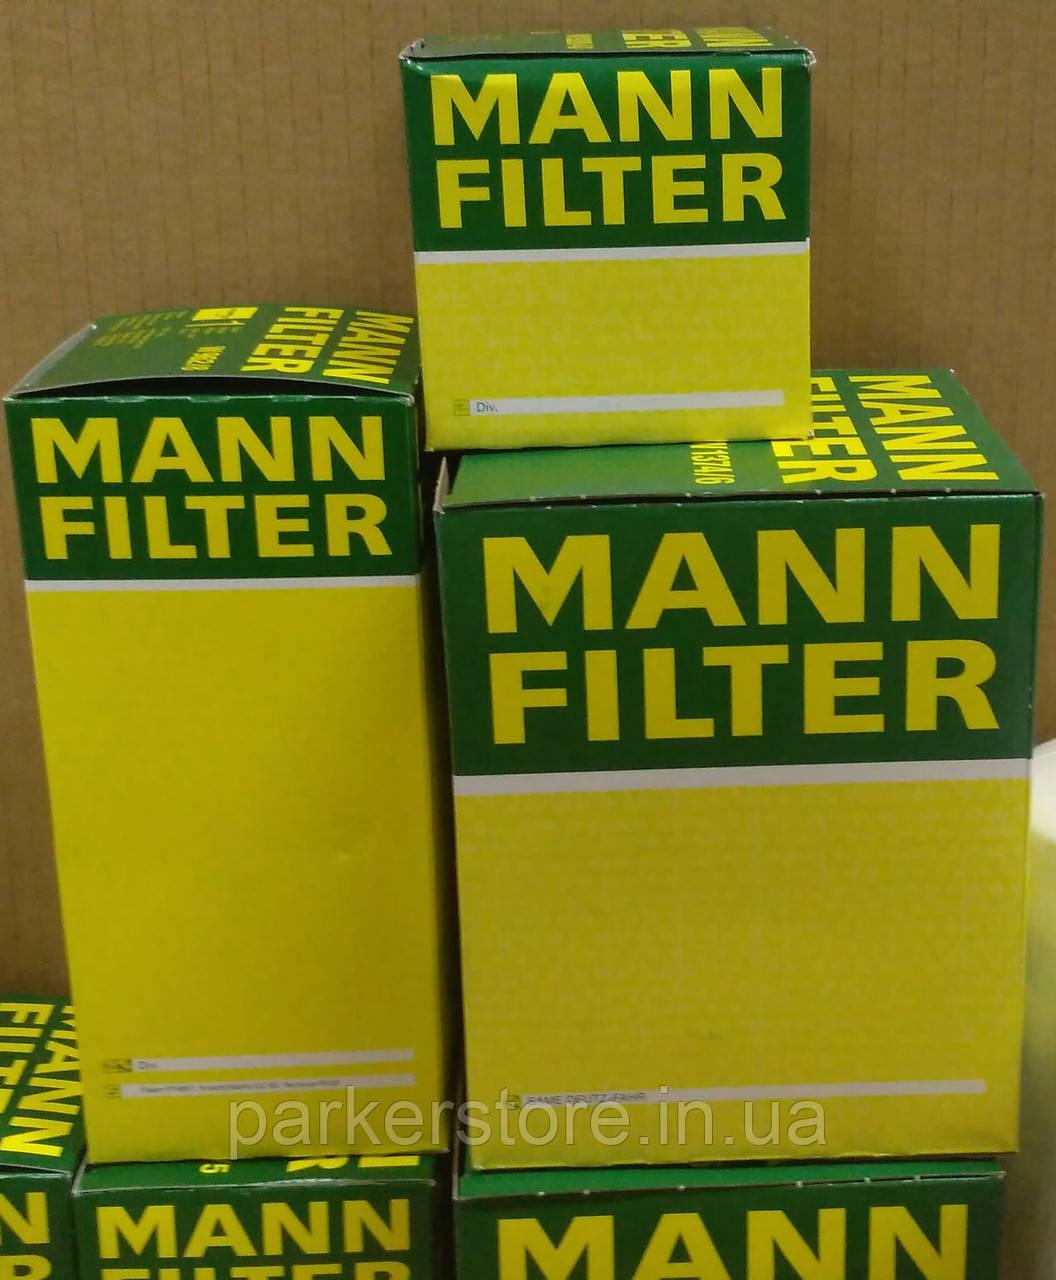 MANN FILTER / Повітряний фільтр / C 2626 / C2626